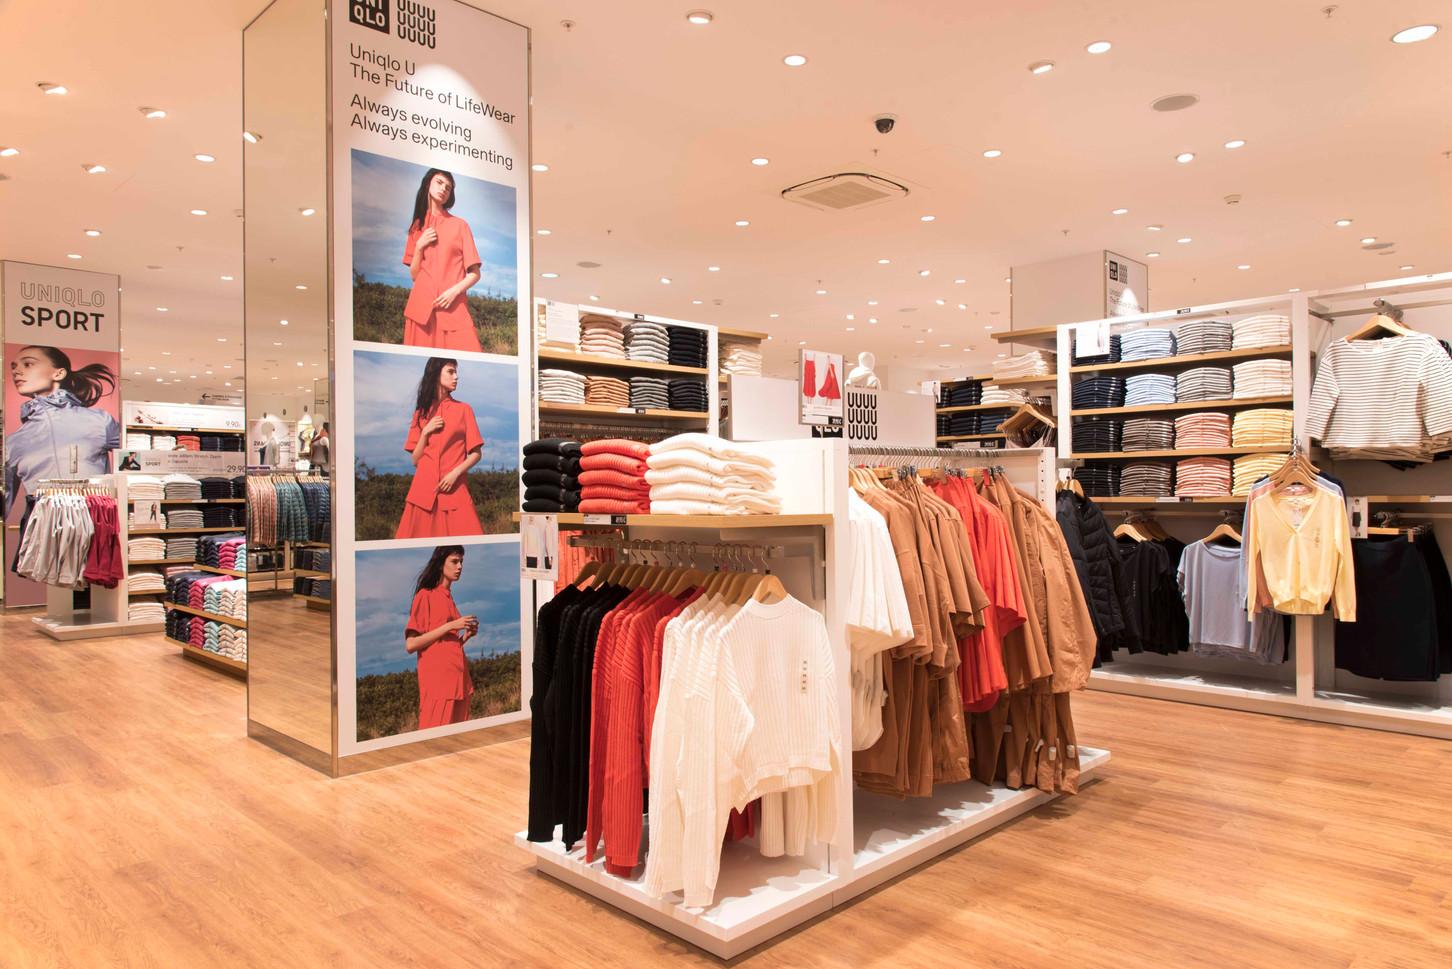 Ouverture de la boutique Uniqlo pour Imagera